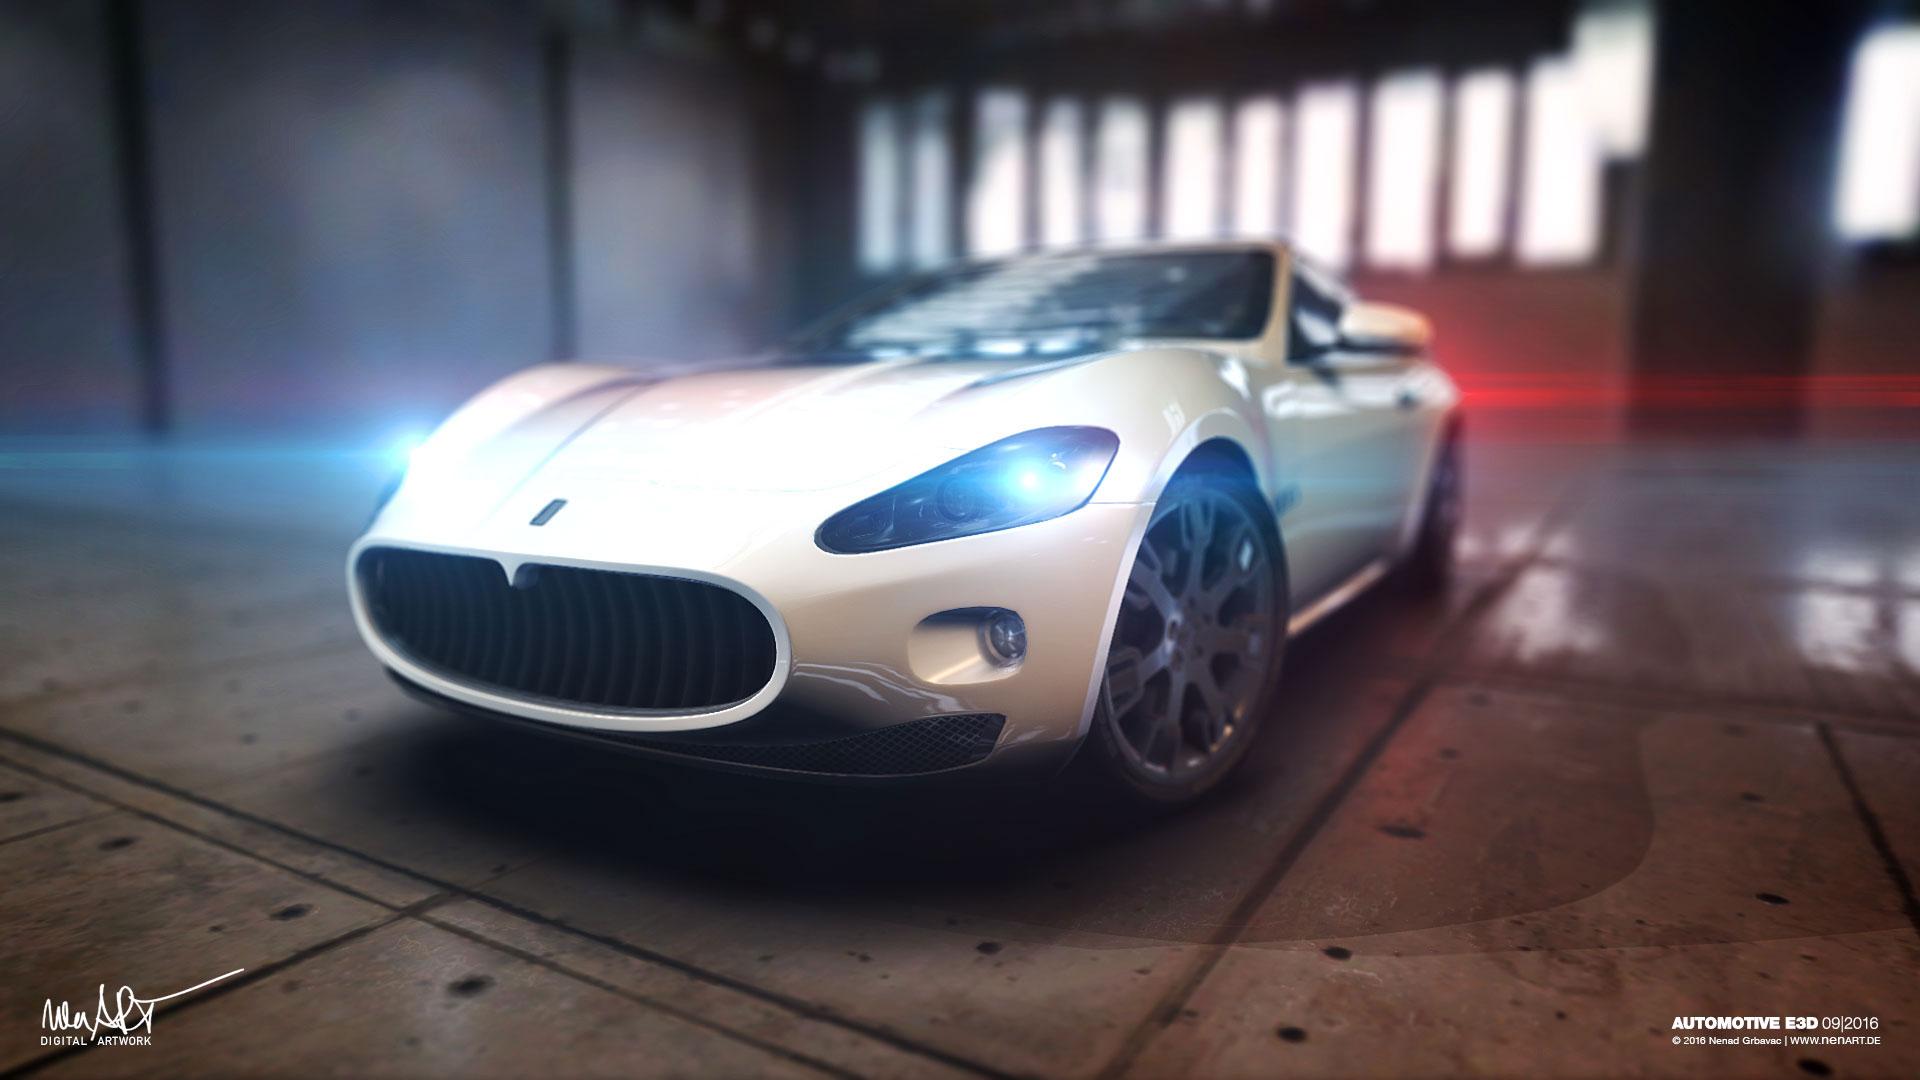 nenART_-_Automotive_E3D_01